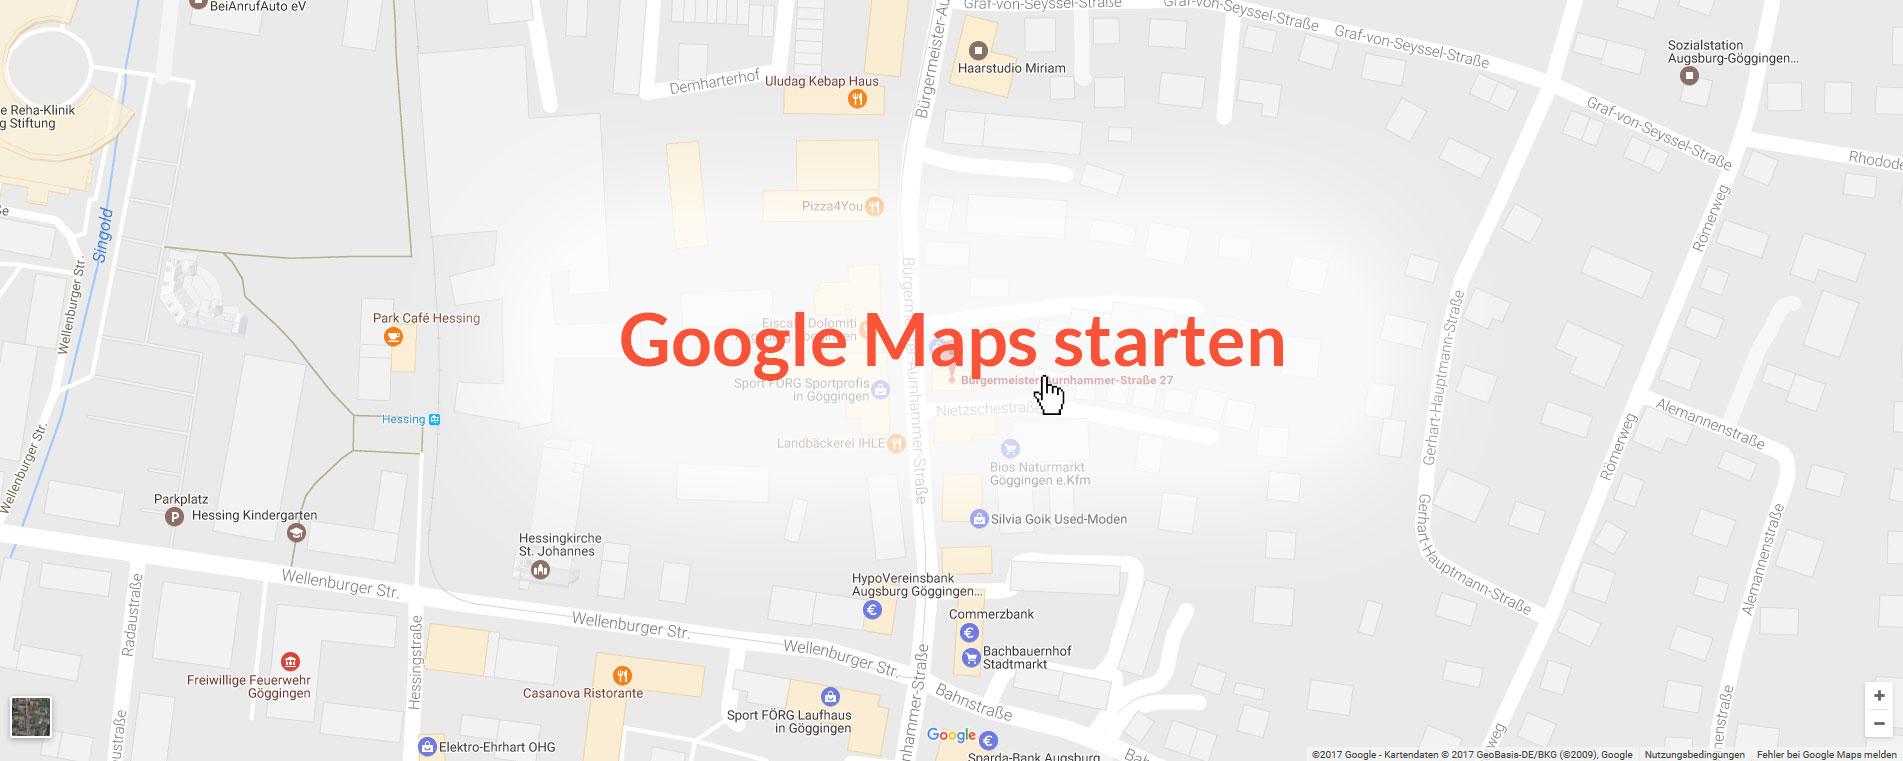 Starten Sie Google Maps mit einem Klick